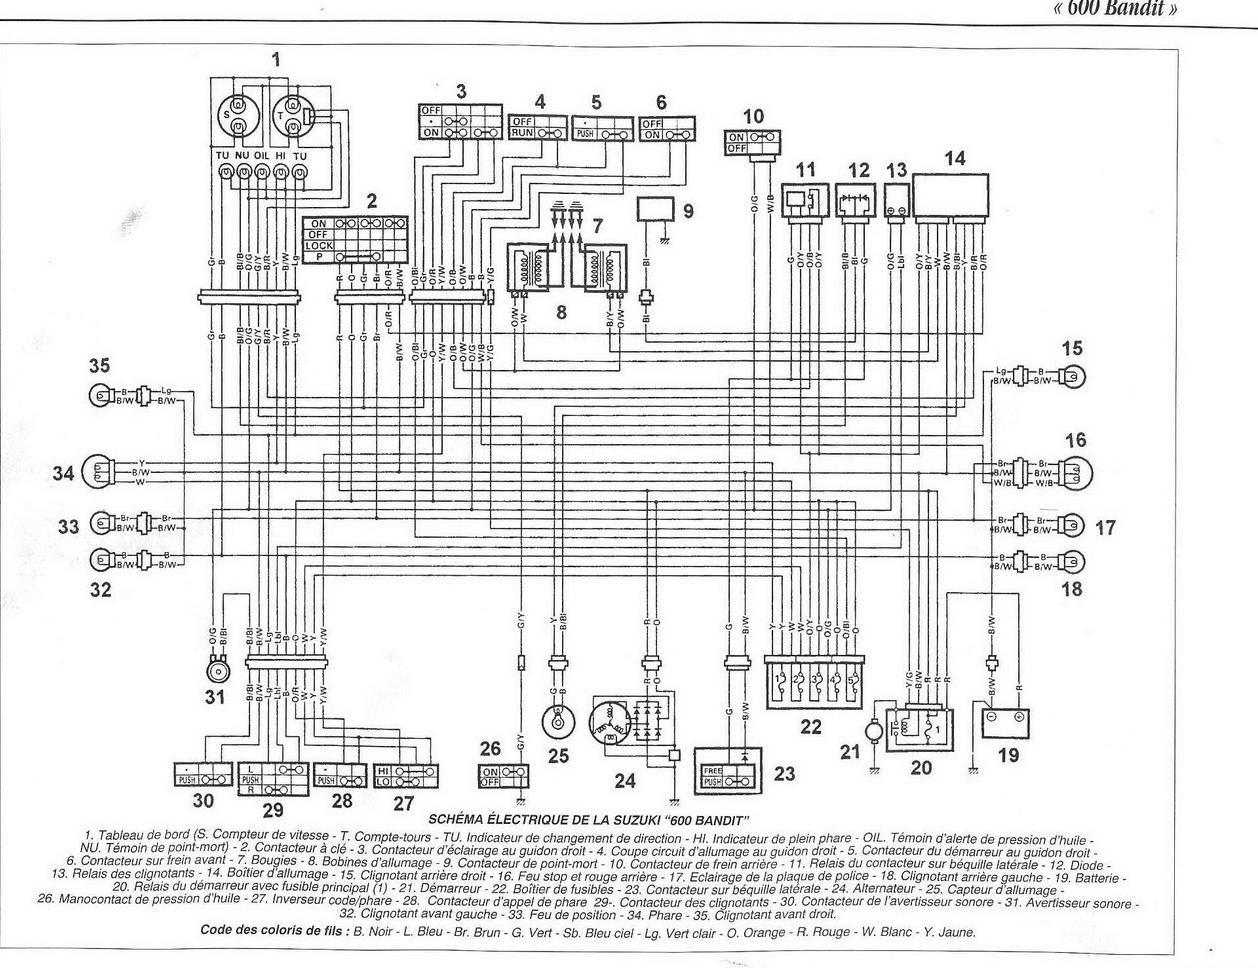 [DIAGRAM] Suzuki Gsf 1200 Bandit Wiring FULL Version HD